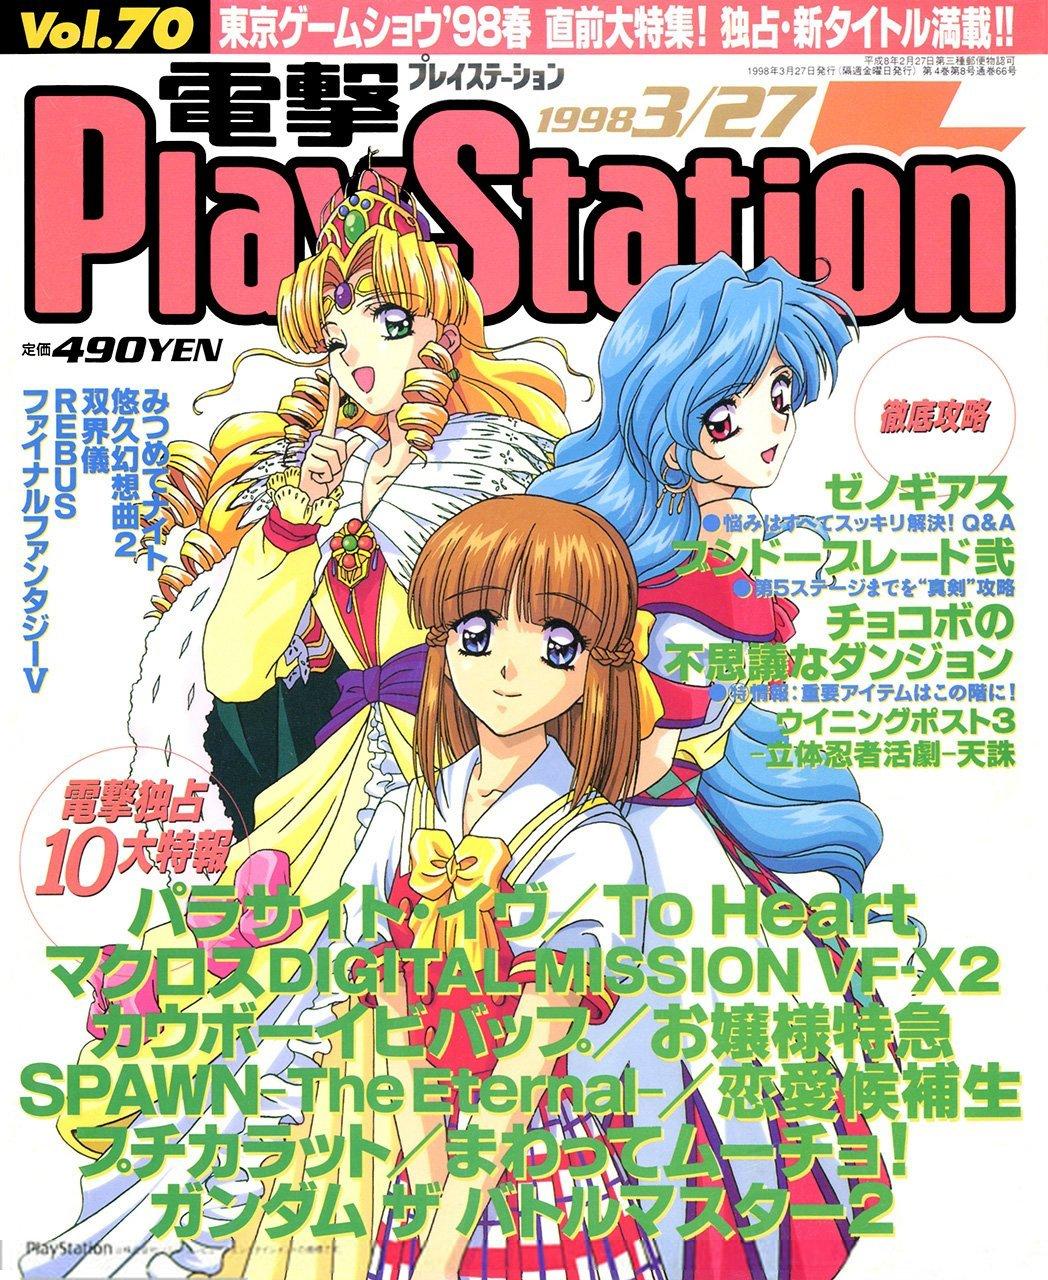 Dengeki PlayStation 070 (March 27, 1998)